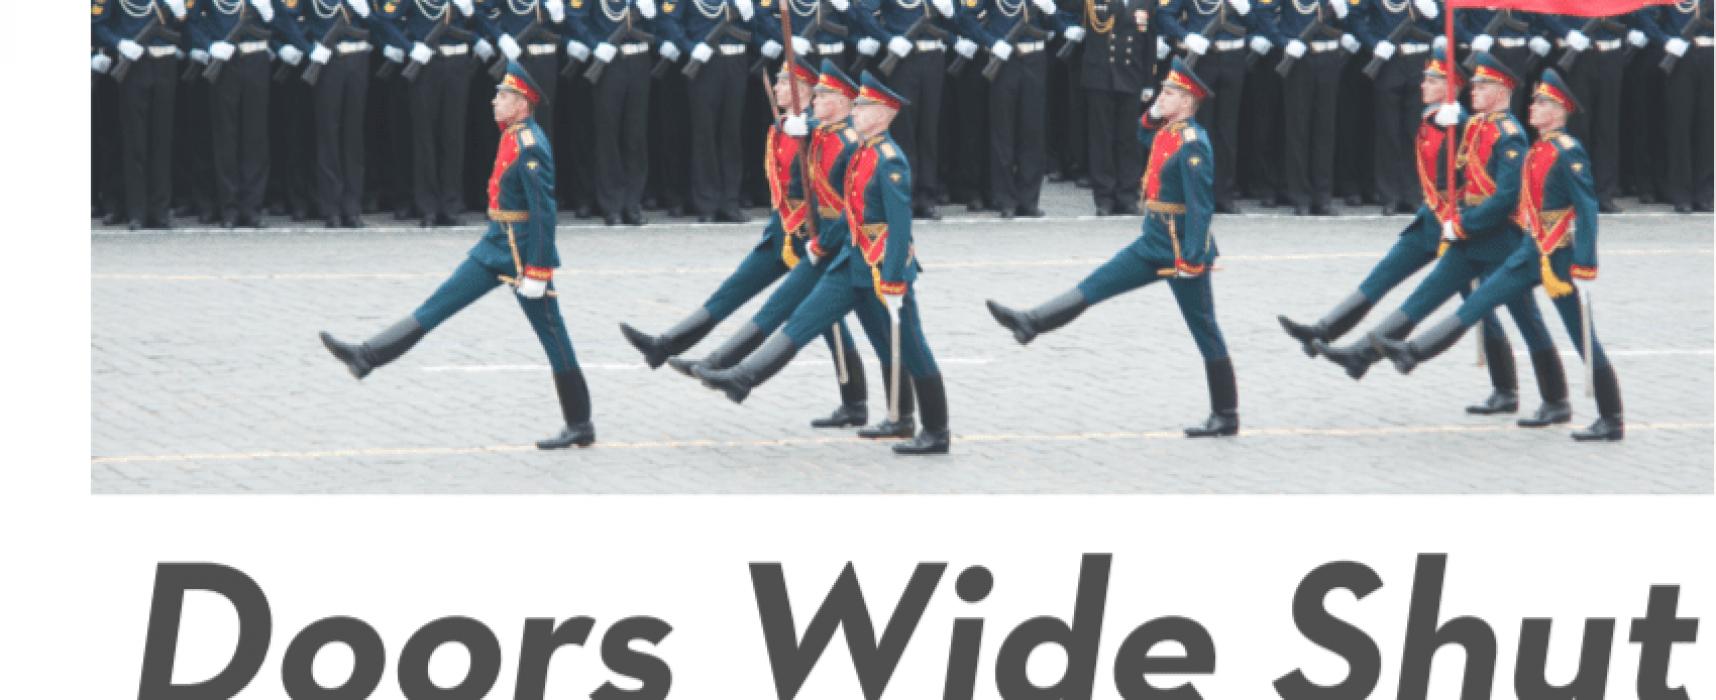 Vliv autoritativních režimů ve střední Evropě